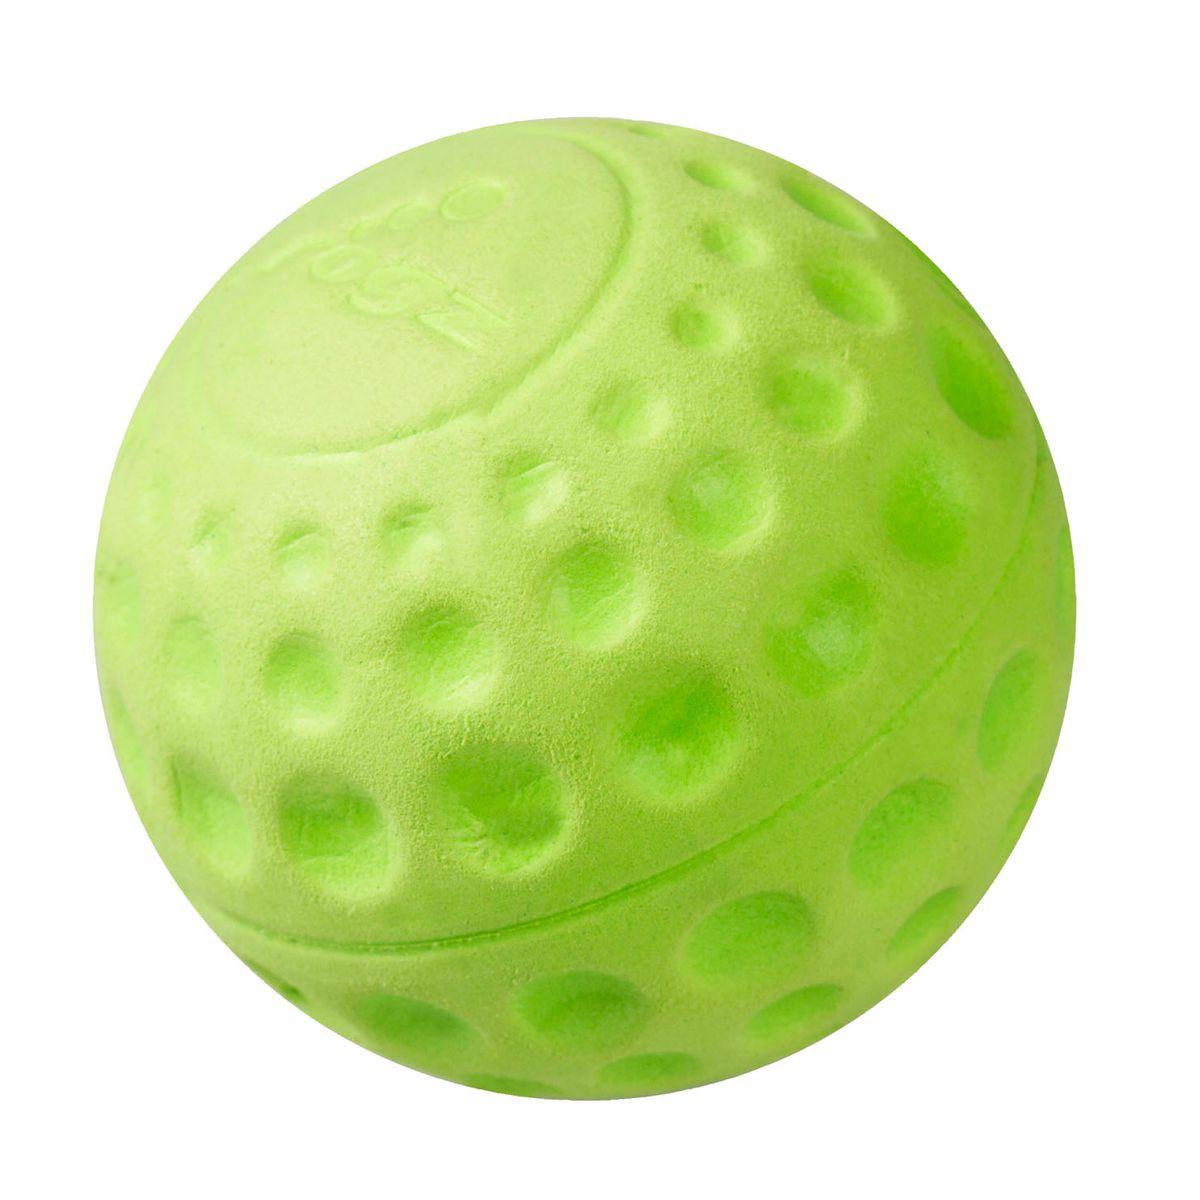 rogz-asteroidz-ball-gruen_0